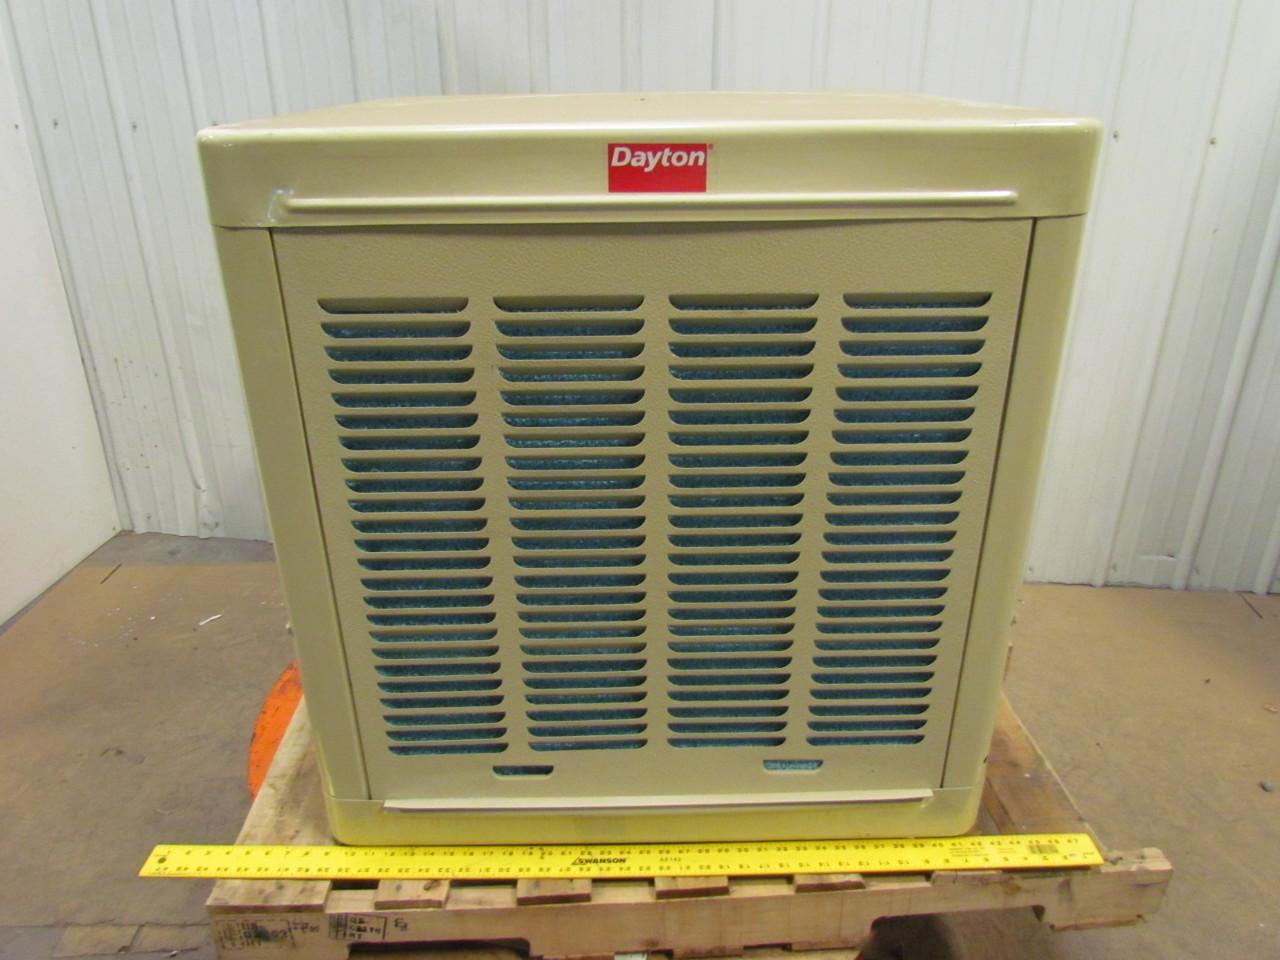 Dayton 4rnp1 Ducted Evaporative Cooler 1 2hp 4800cfm 8 5a